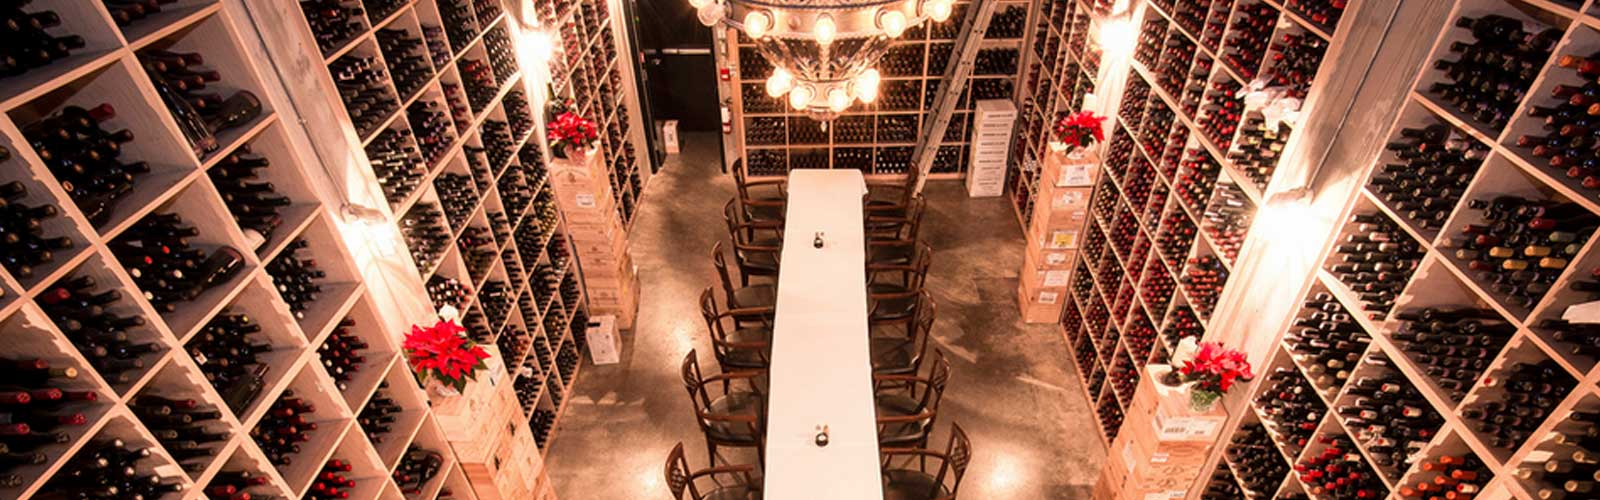 Home Winecellar En